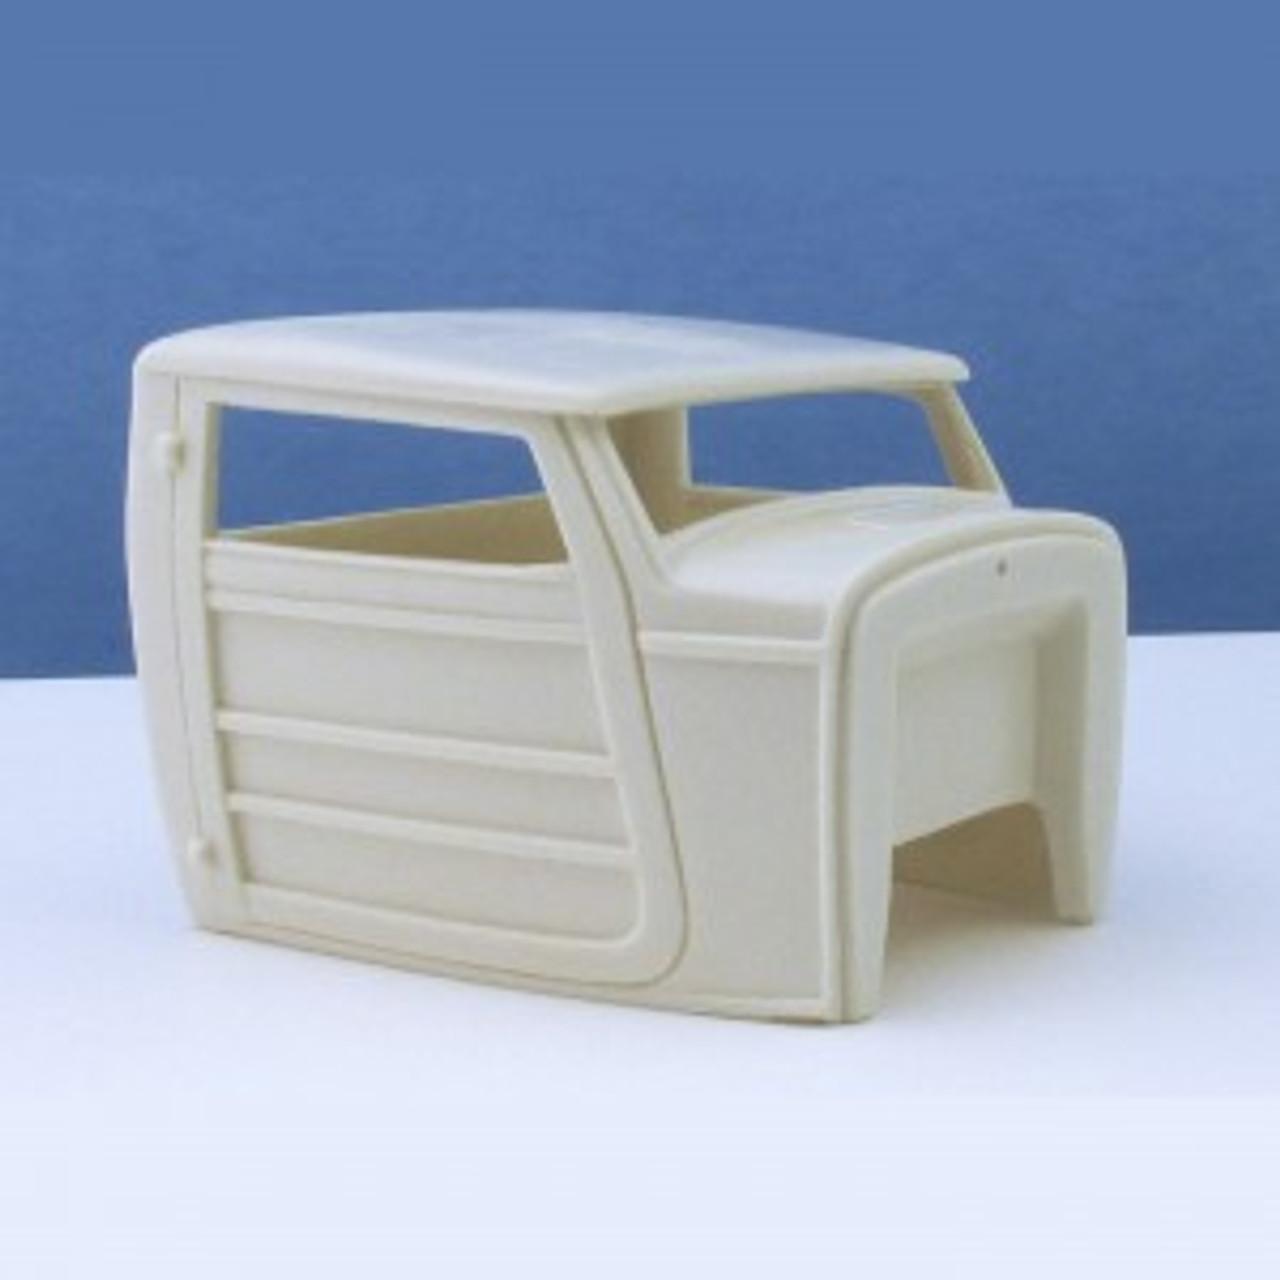 32 Ford Finkwood Cab Body, 1/25